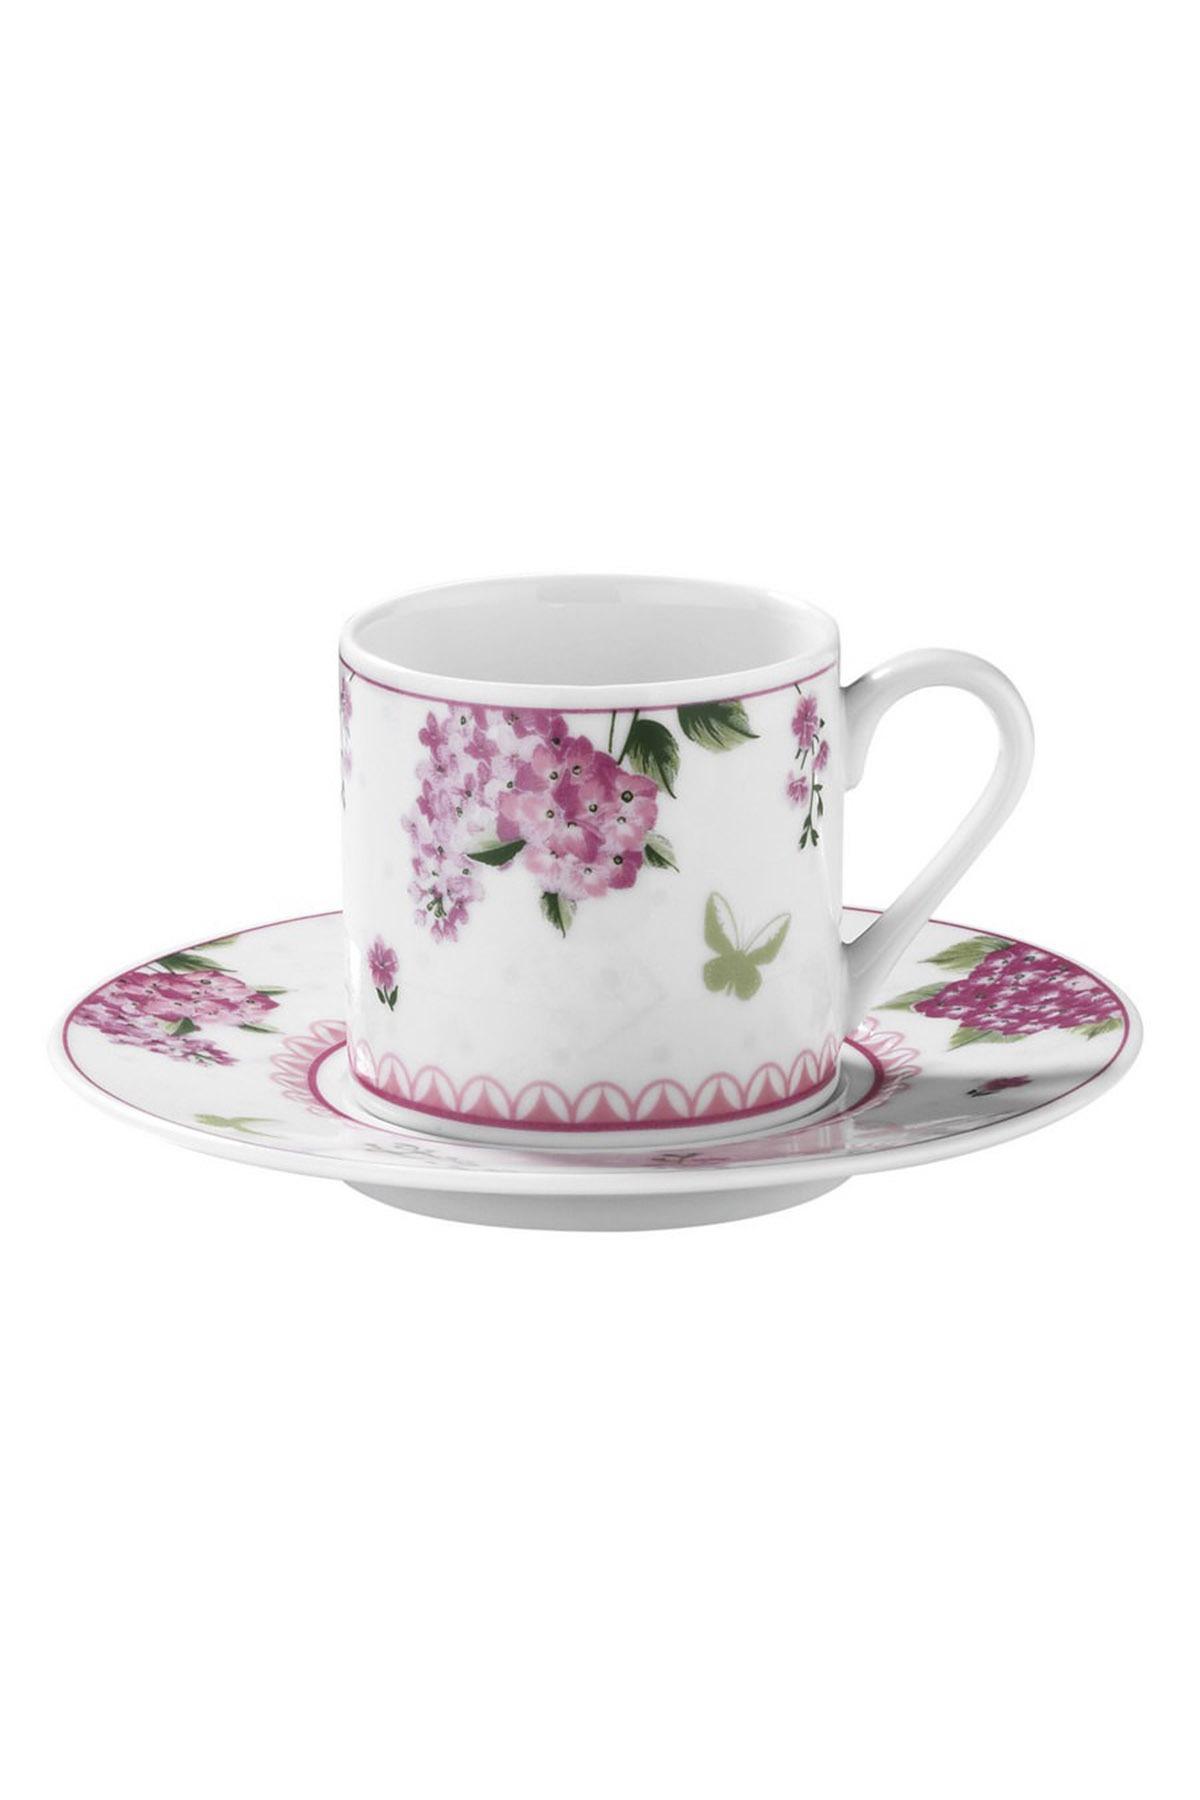 Kütahya Porselen - Kütahya Porselen Rüya 9746 Desen Kahve Fincan Takımı